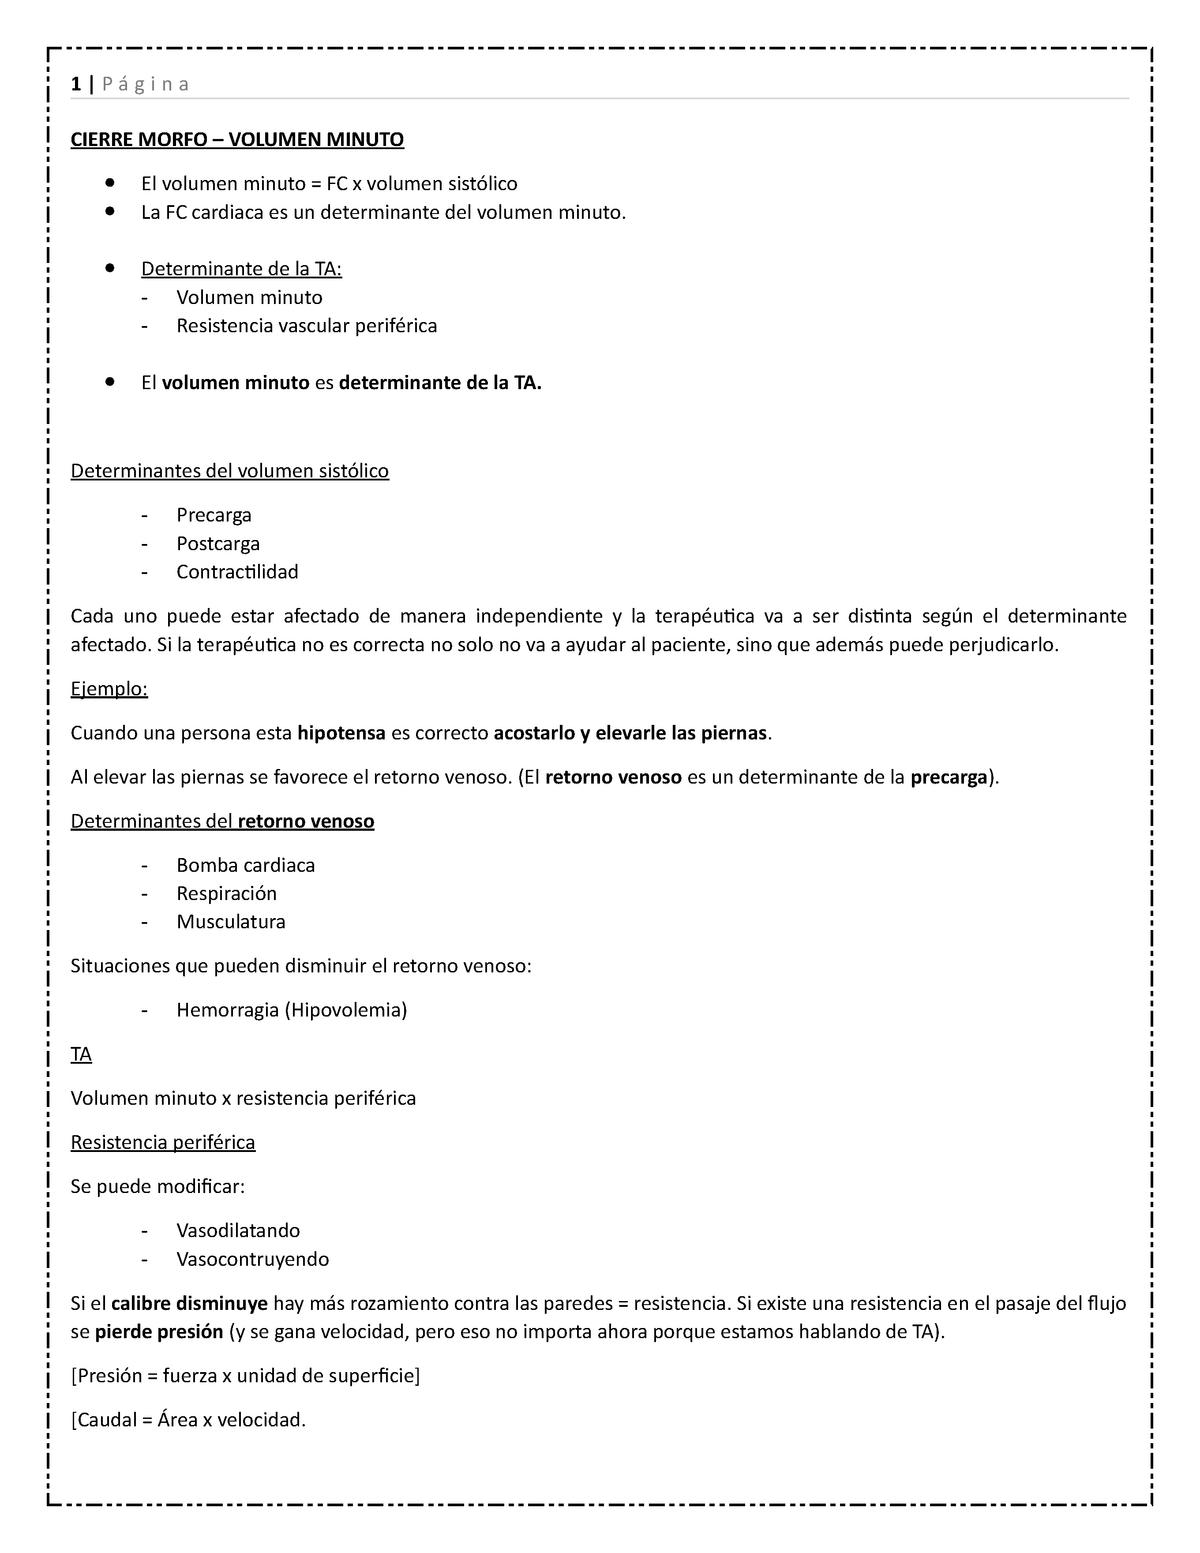 2- Cierre Morfo - Volumen Minuto - 1362: Nacimiento, Crecimiento Y  Desarrollo - StuDocu